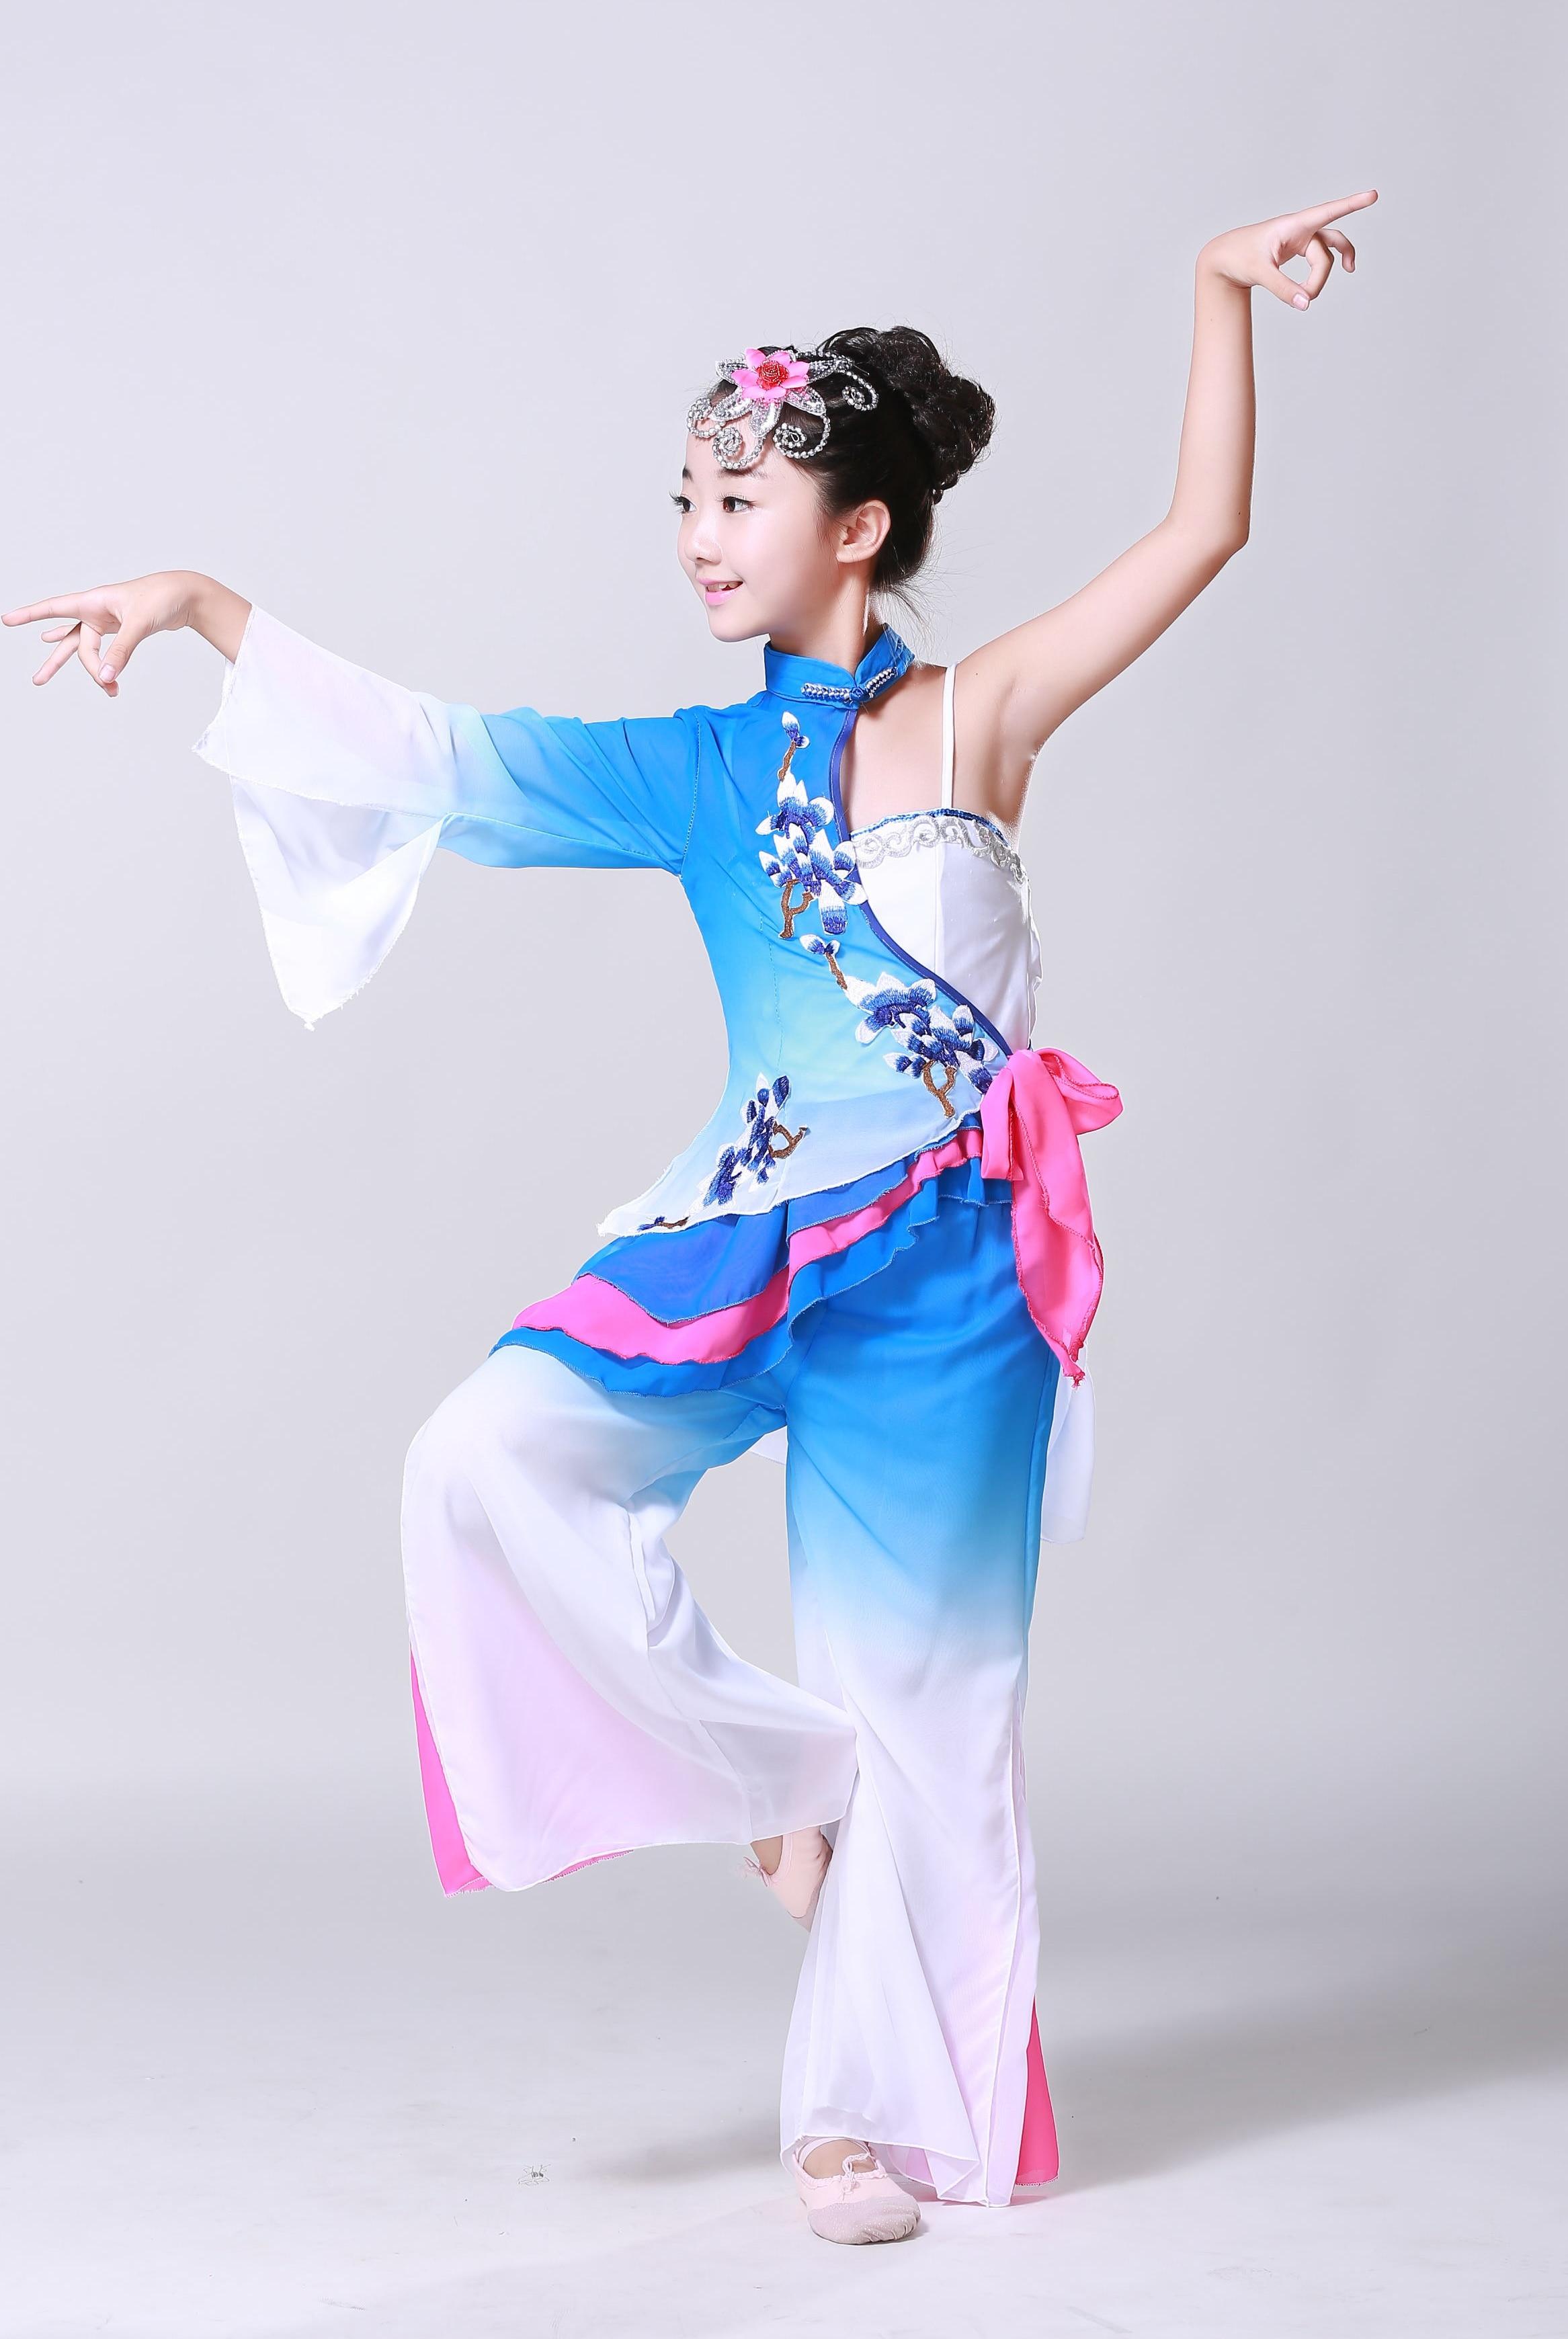 """Kinijos liaudiškų šokių kostiumai vaikams - klasikiniai klasikinių gerbėjų šokių kostiumai """"Yangko"""" šokiai vaikams """"Umbrella Dance"""" drabužiai 89"""